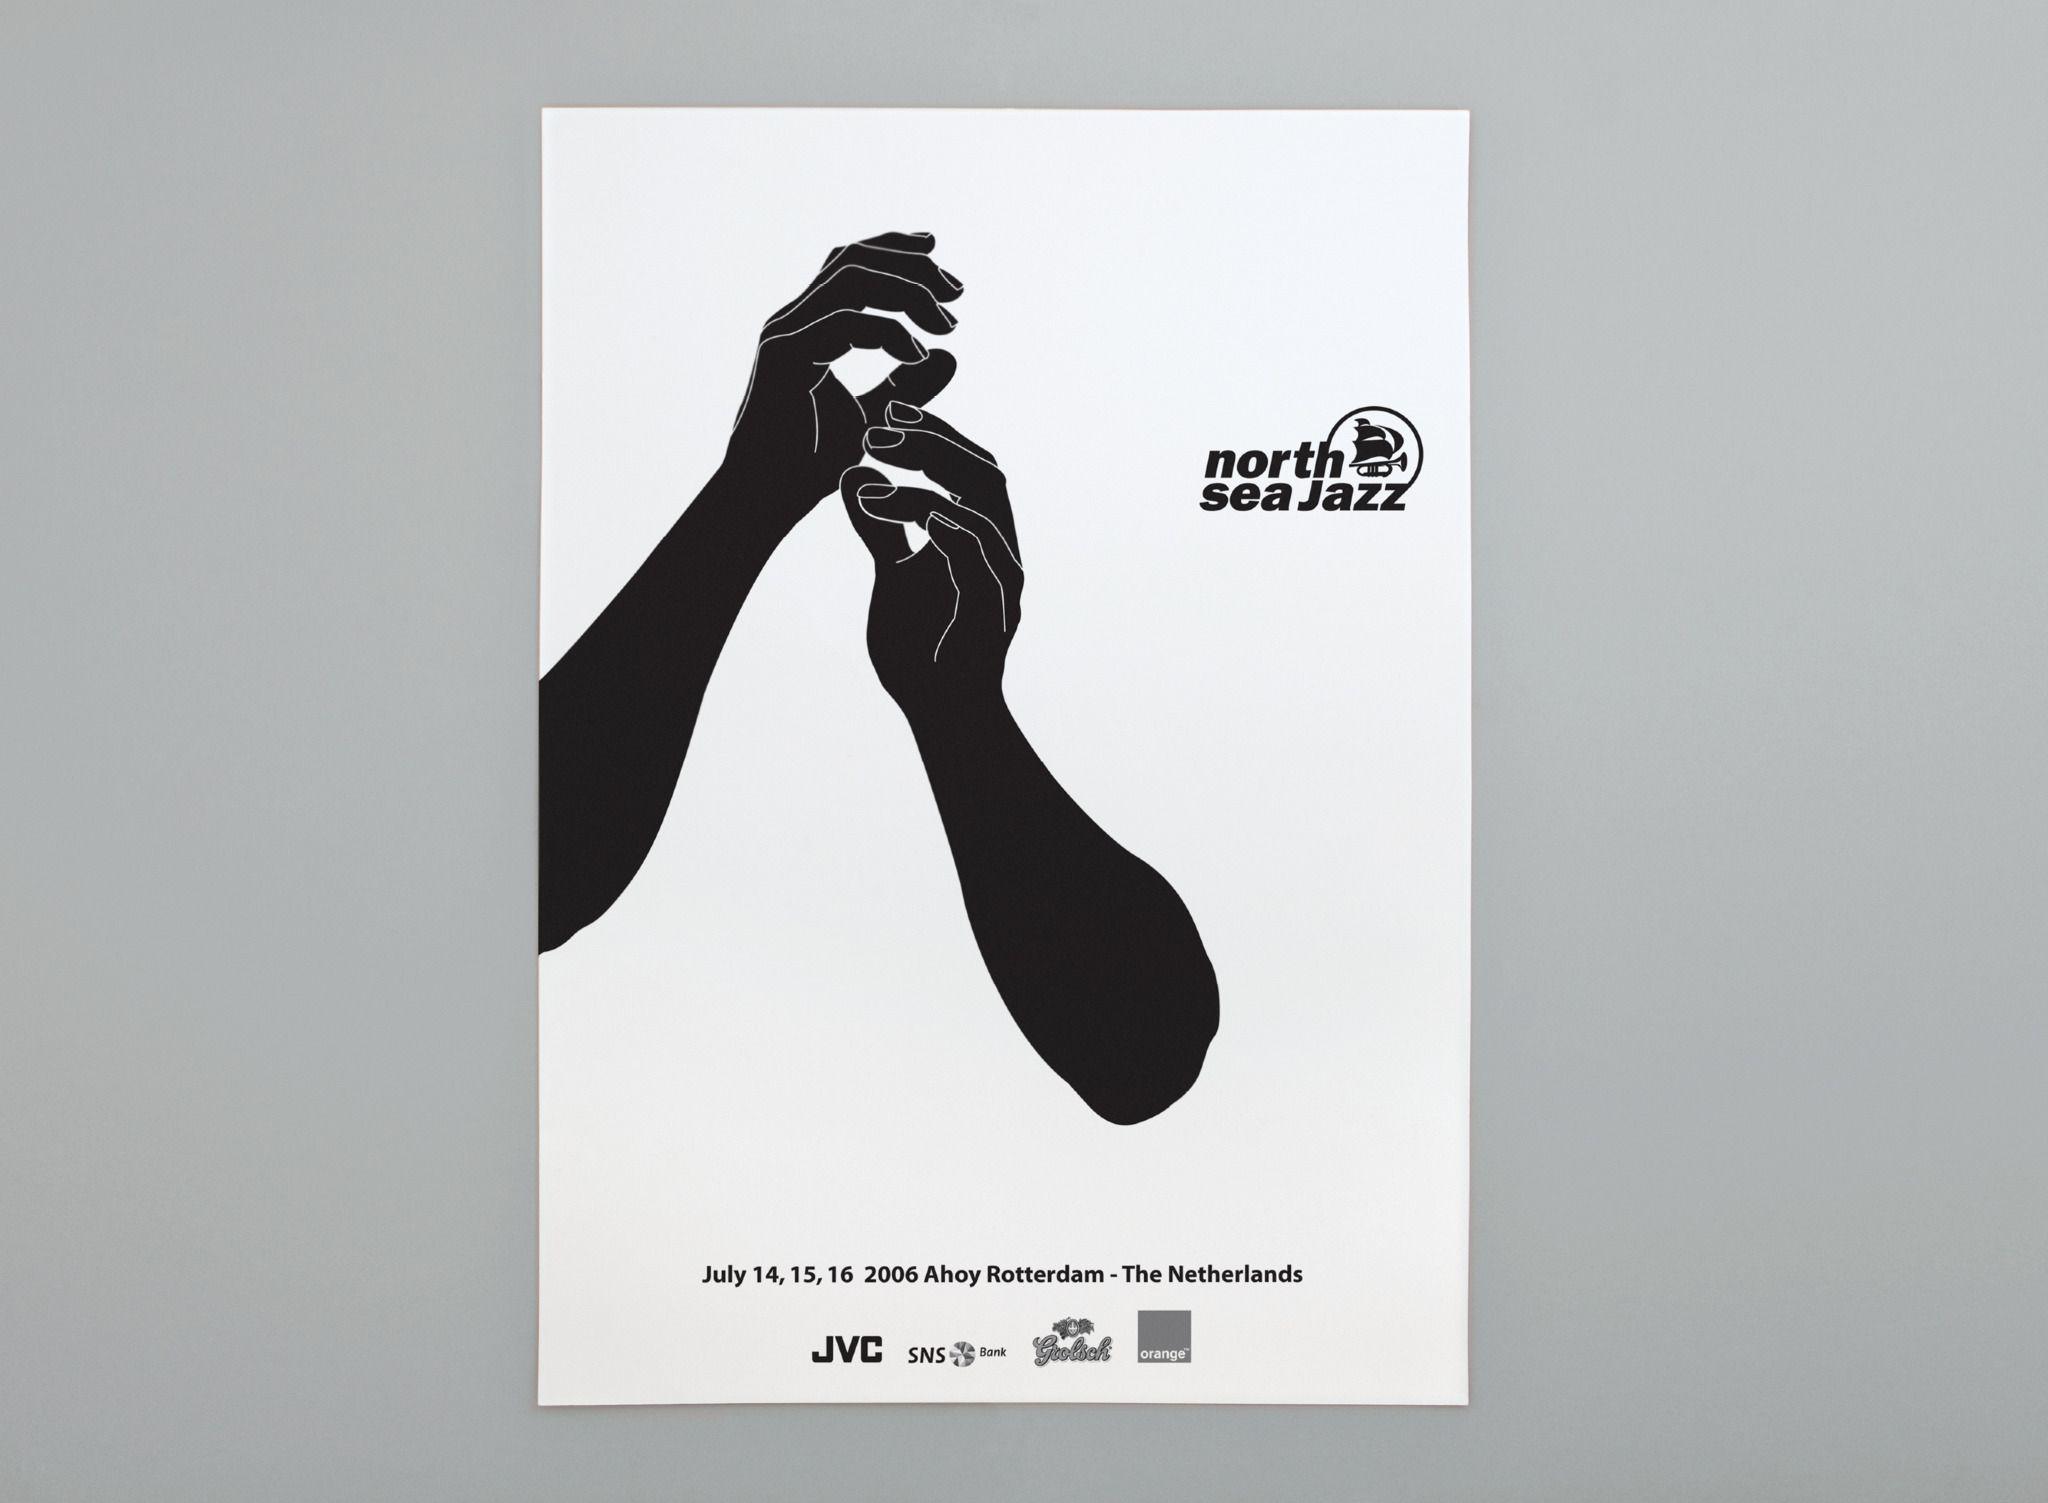 http://michielvanwijngaarden.com/North-Sea-Jazz-Posters